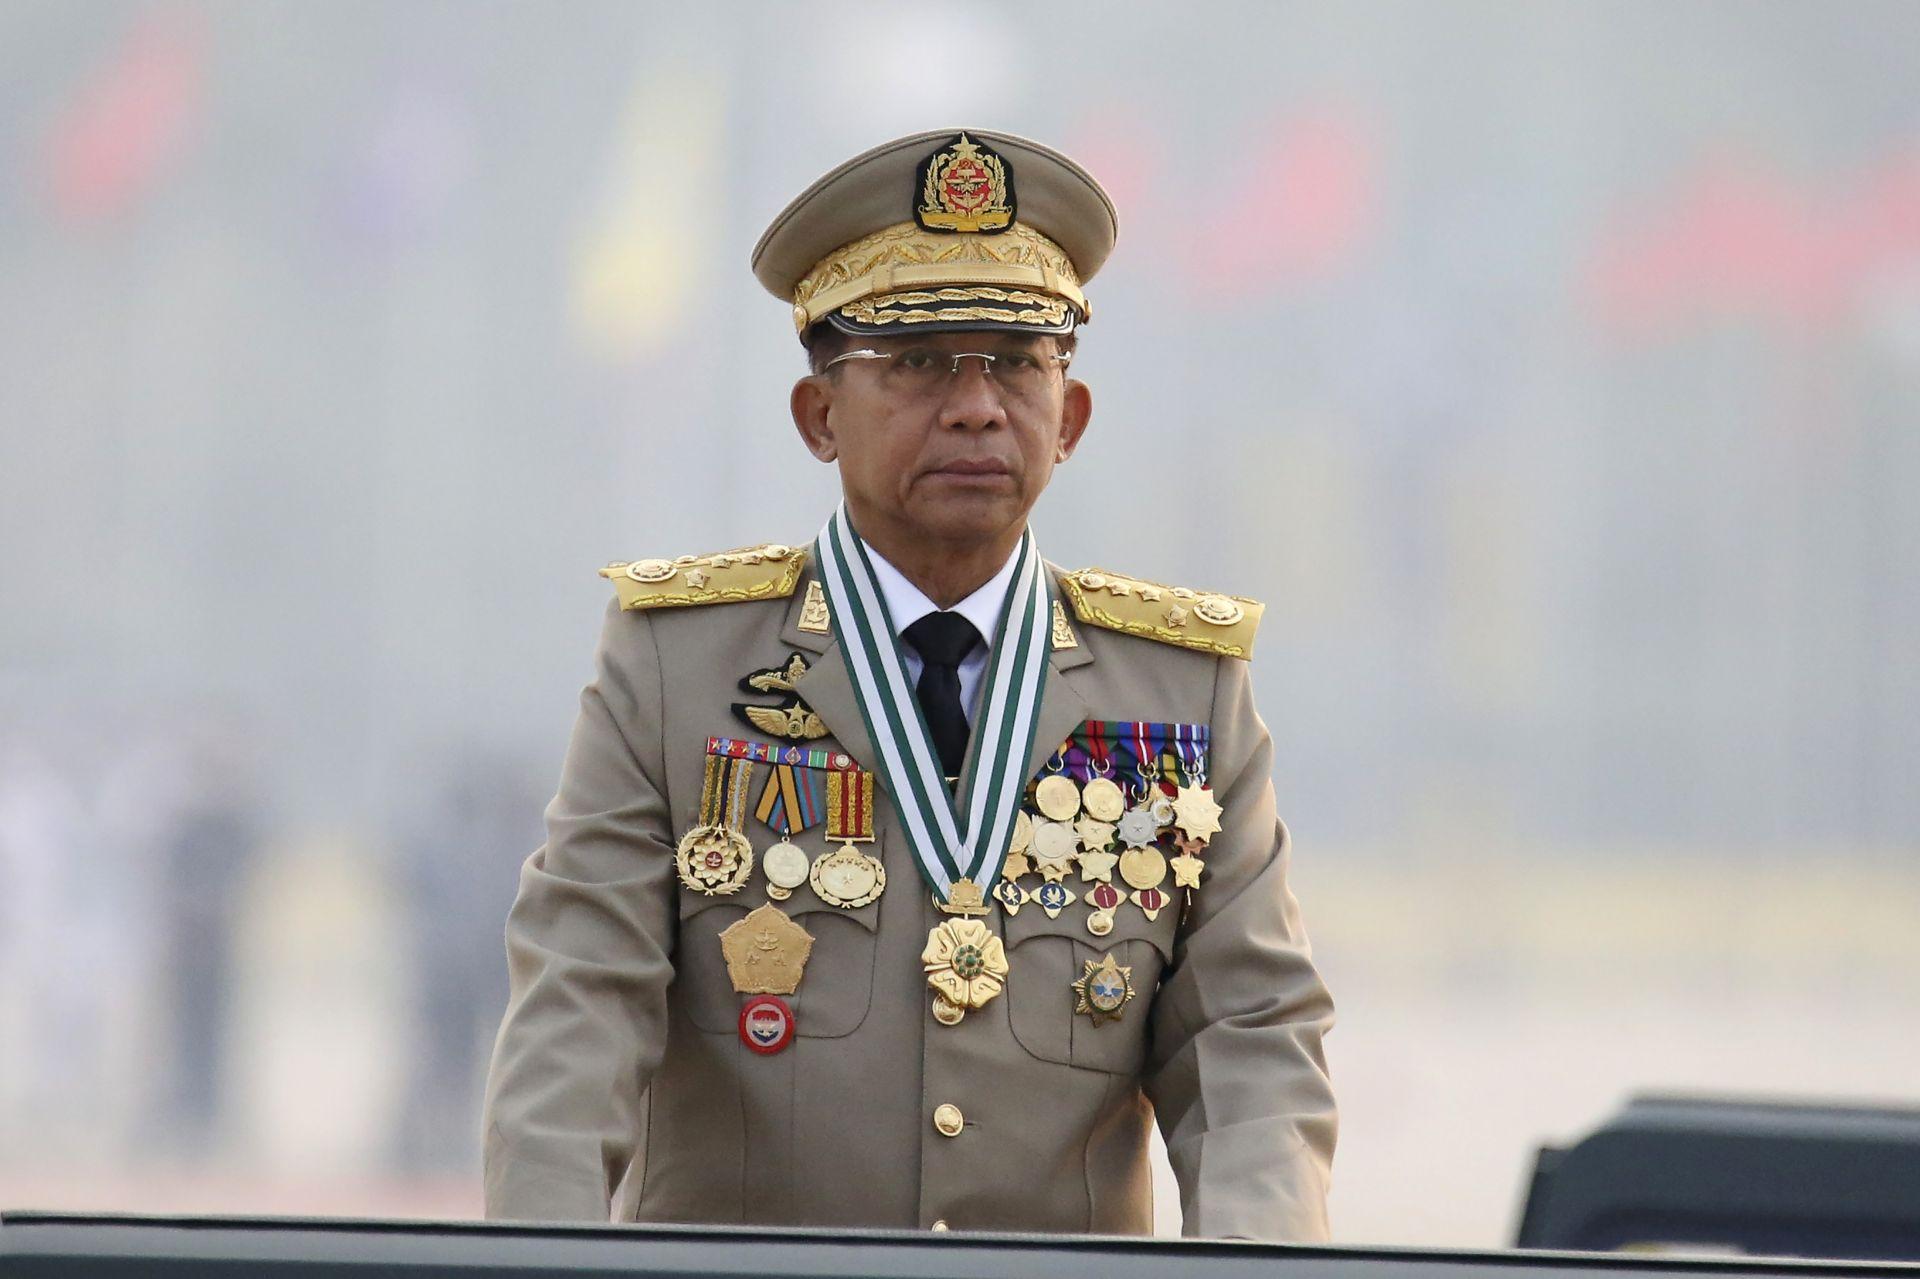 Генерал Мин Аун Хлаинг